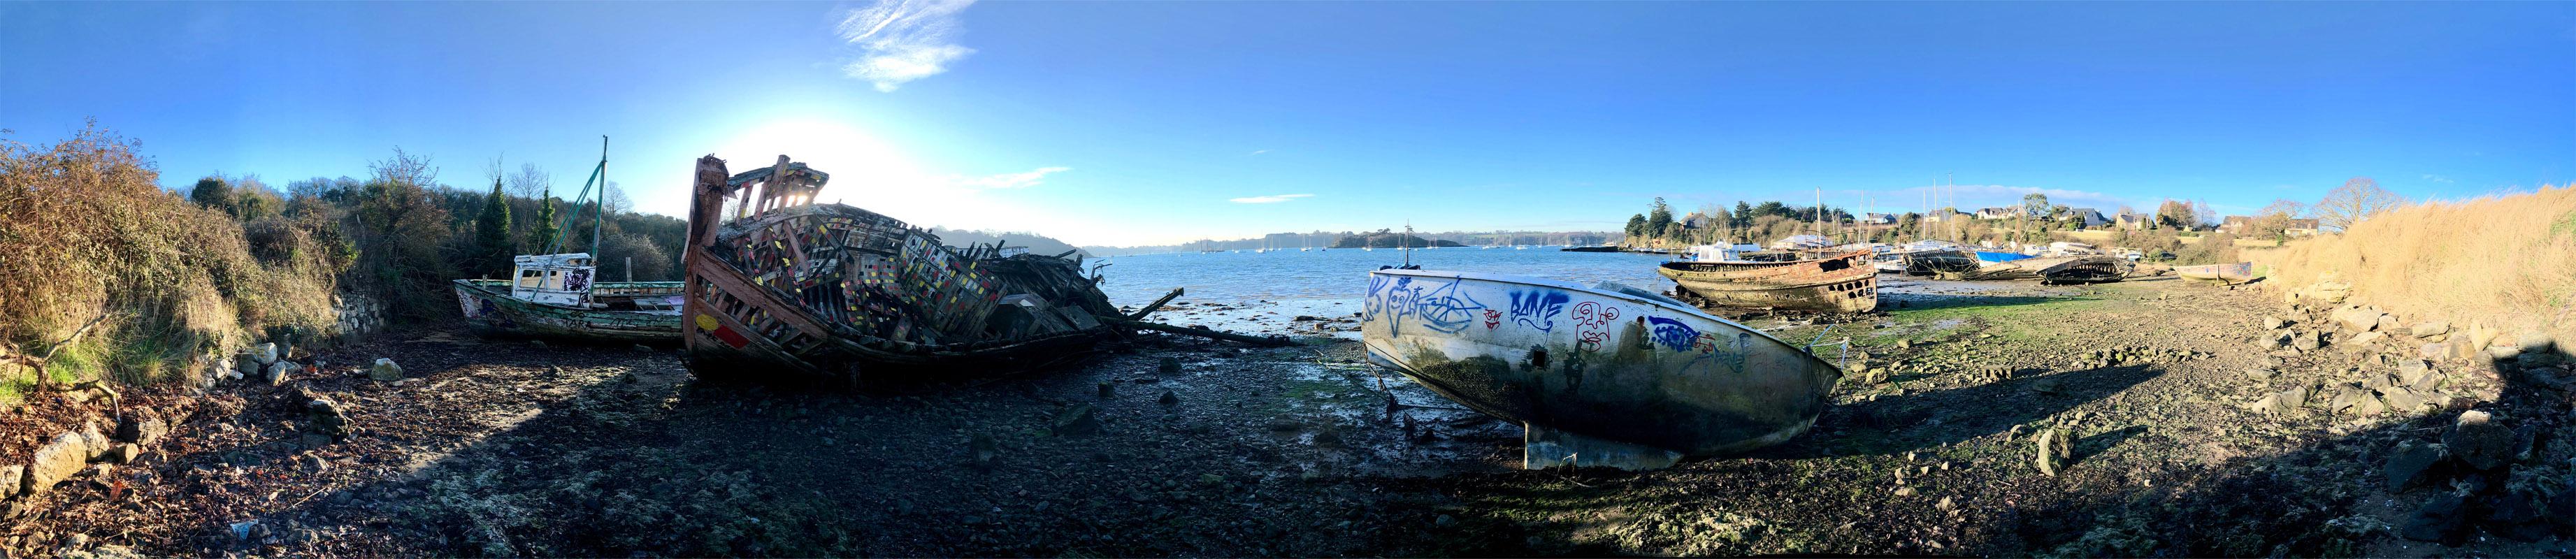 Panorama cimetière de bateaux